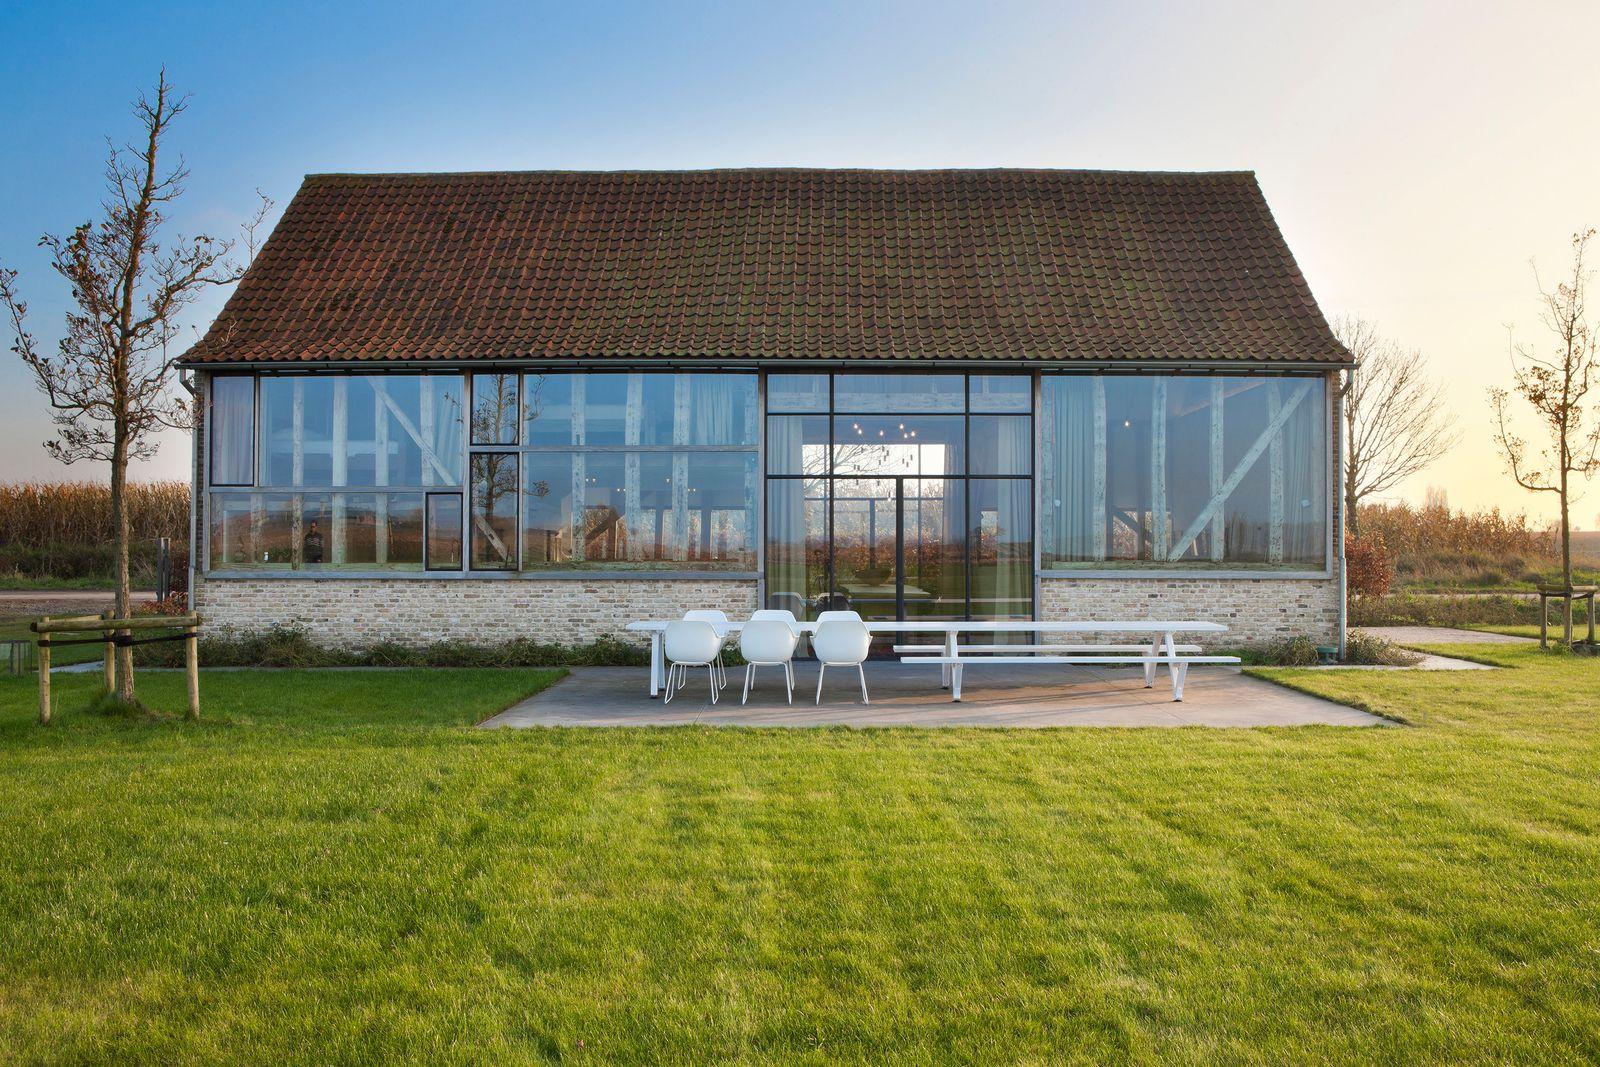 Une maison de vacances transparente